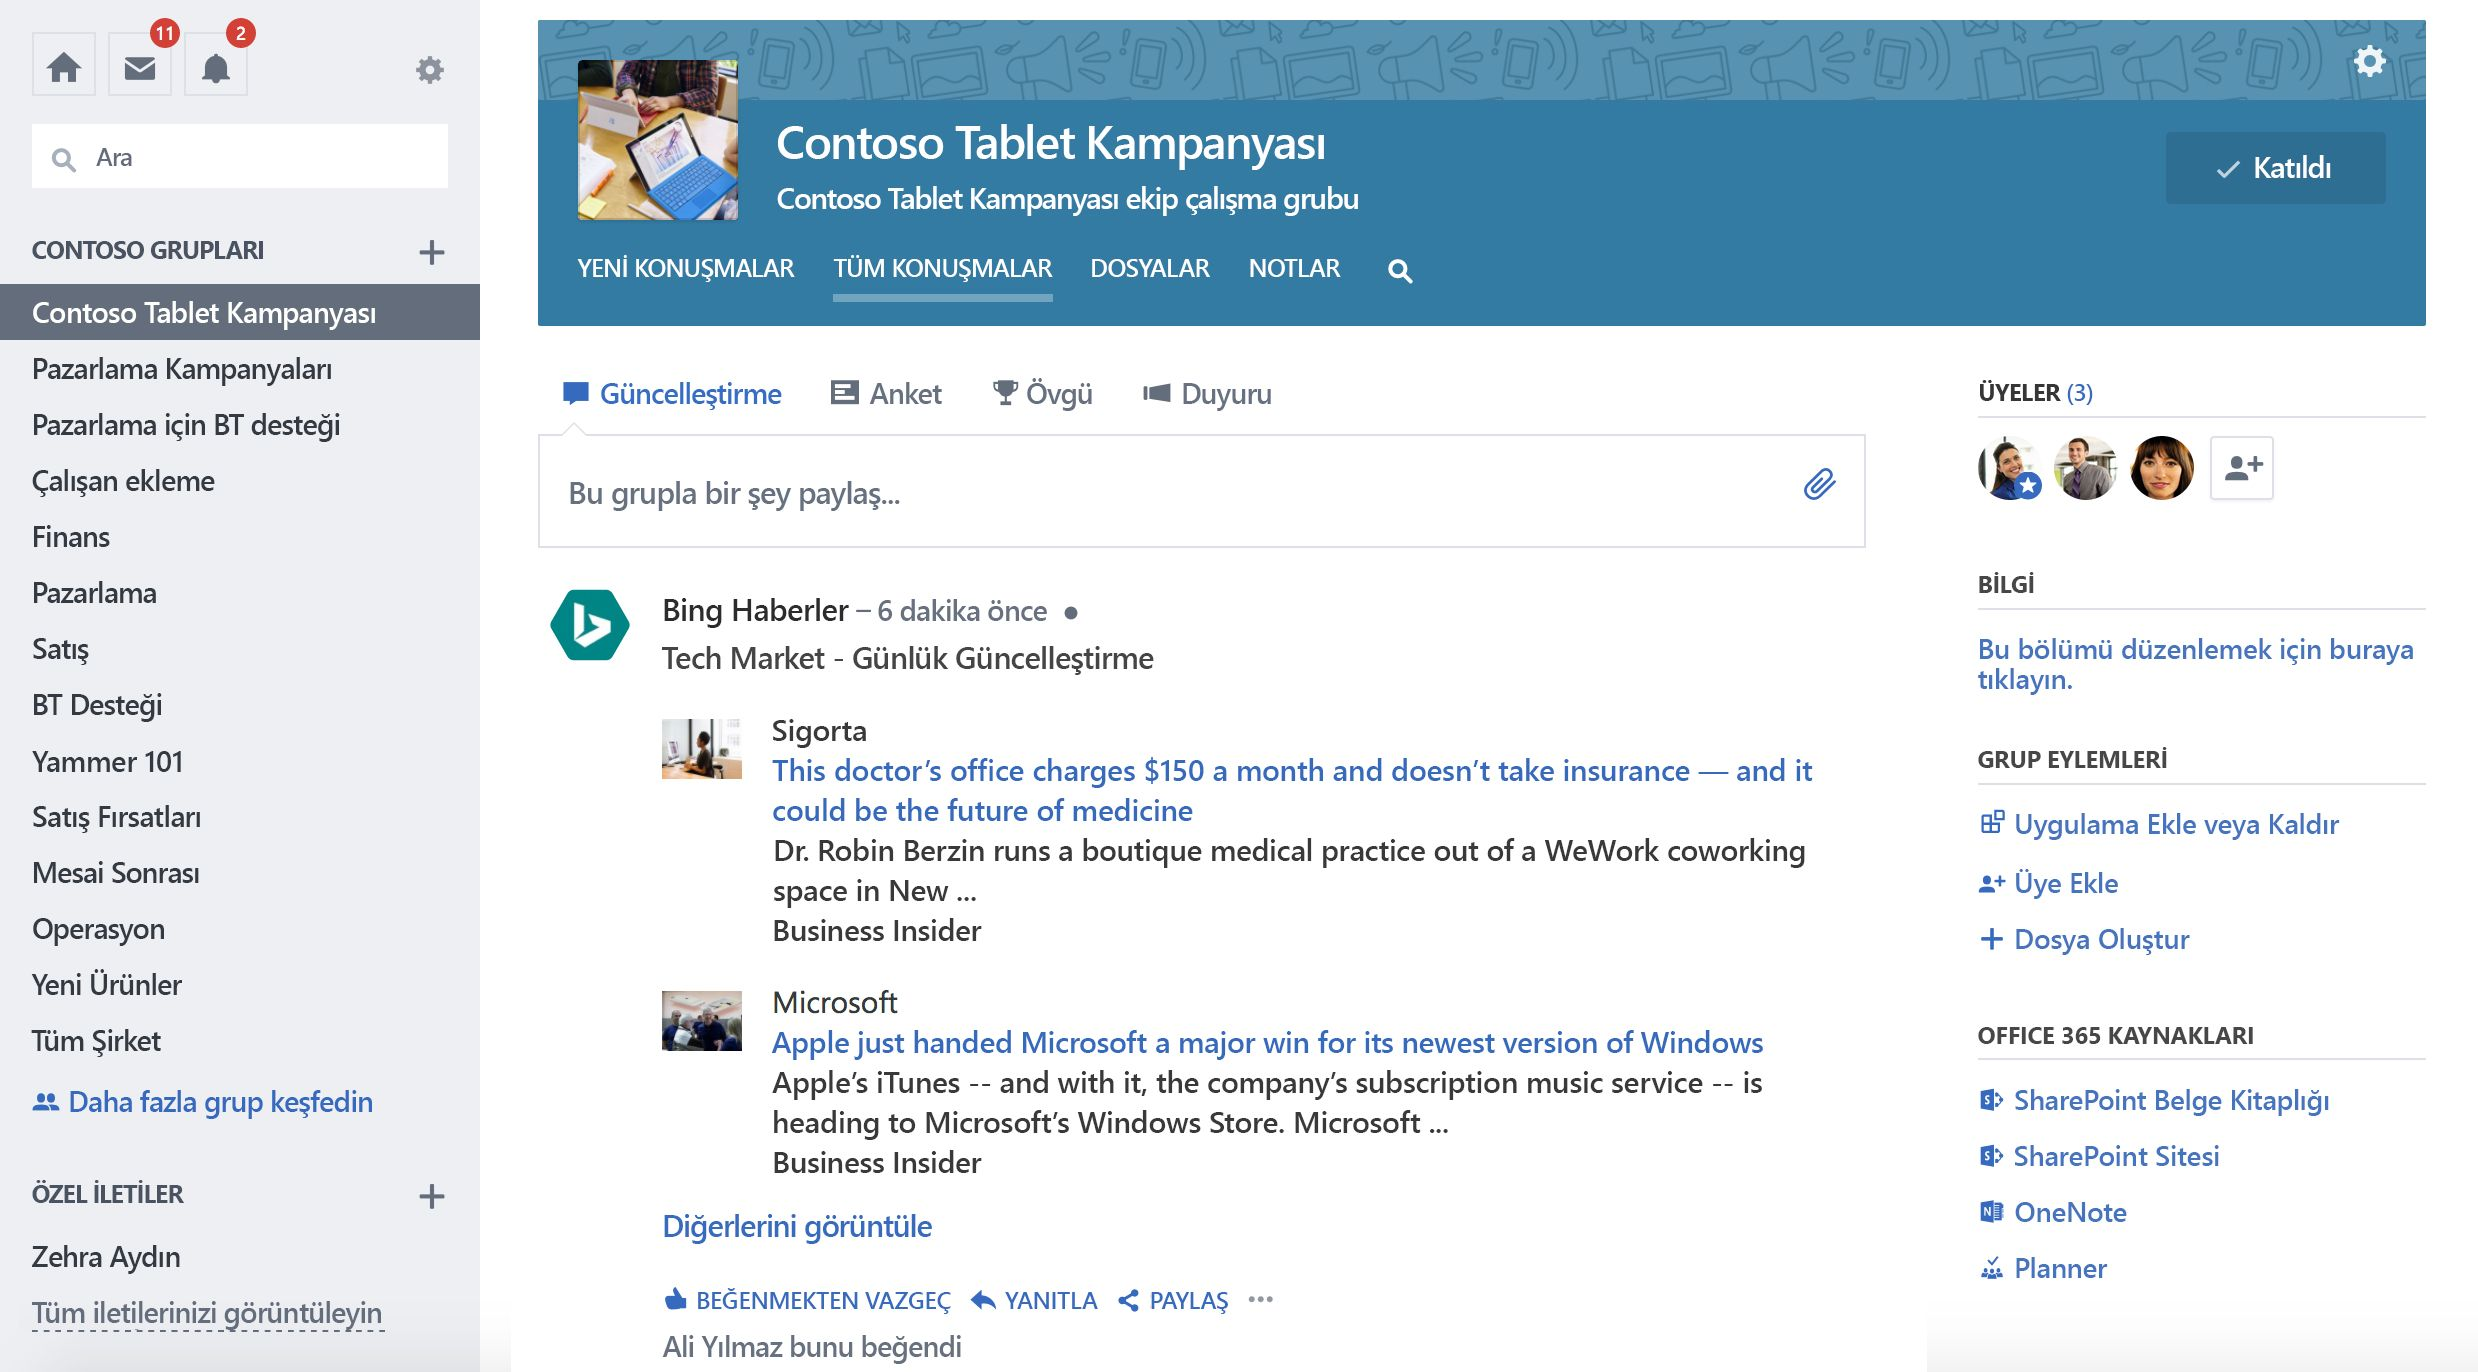 Üçüncü taraf hizmetten grup güncelleştirmesinin ekran görüntüsü